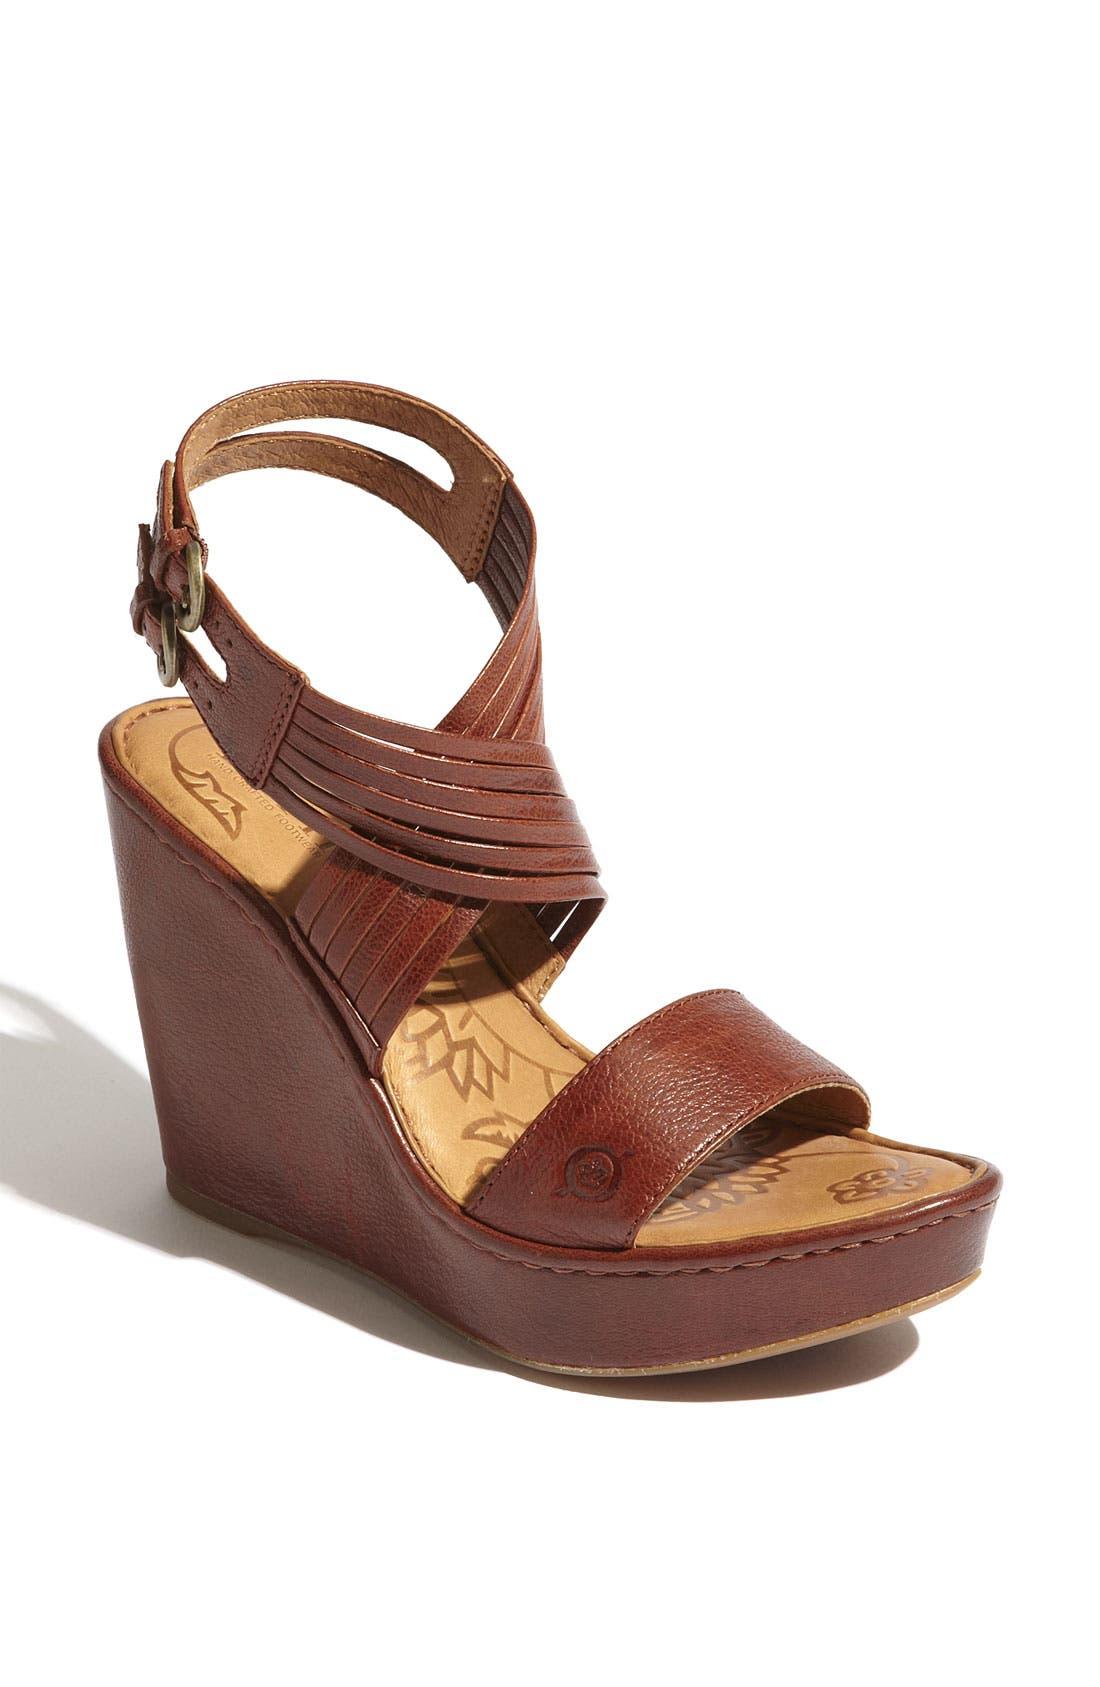 Main Image - Børn 'Eleni' Sandal